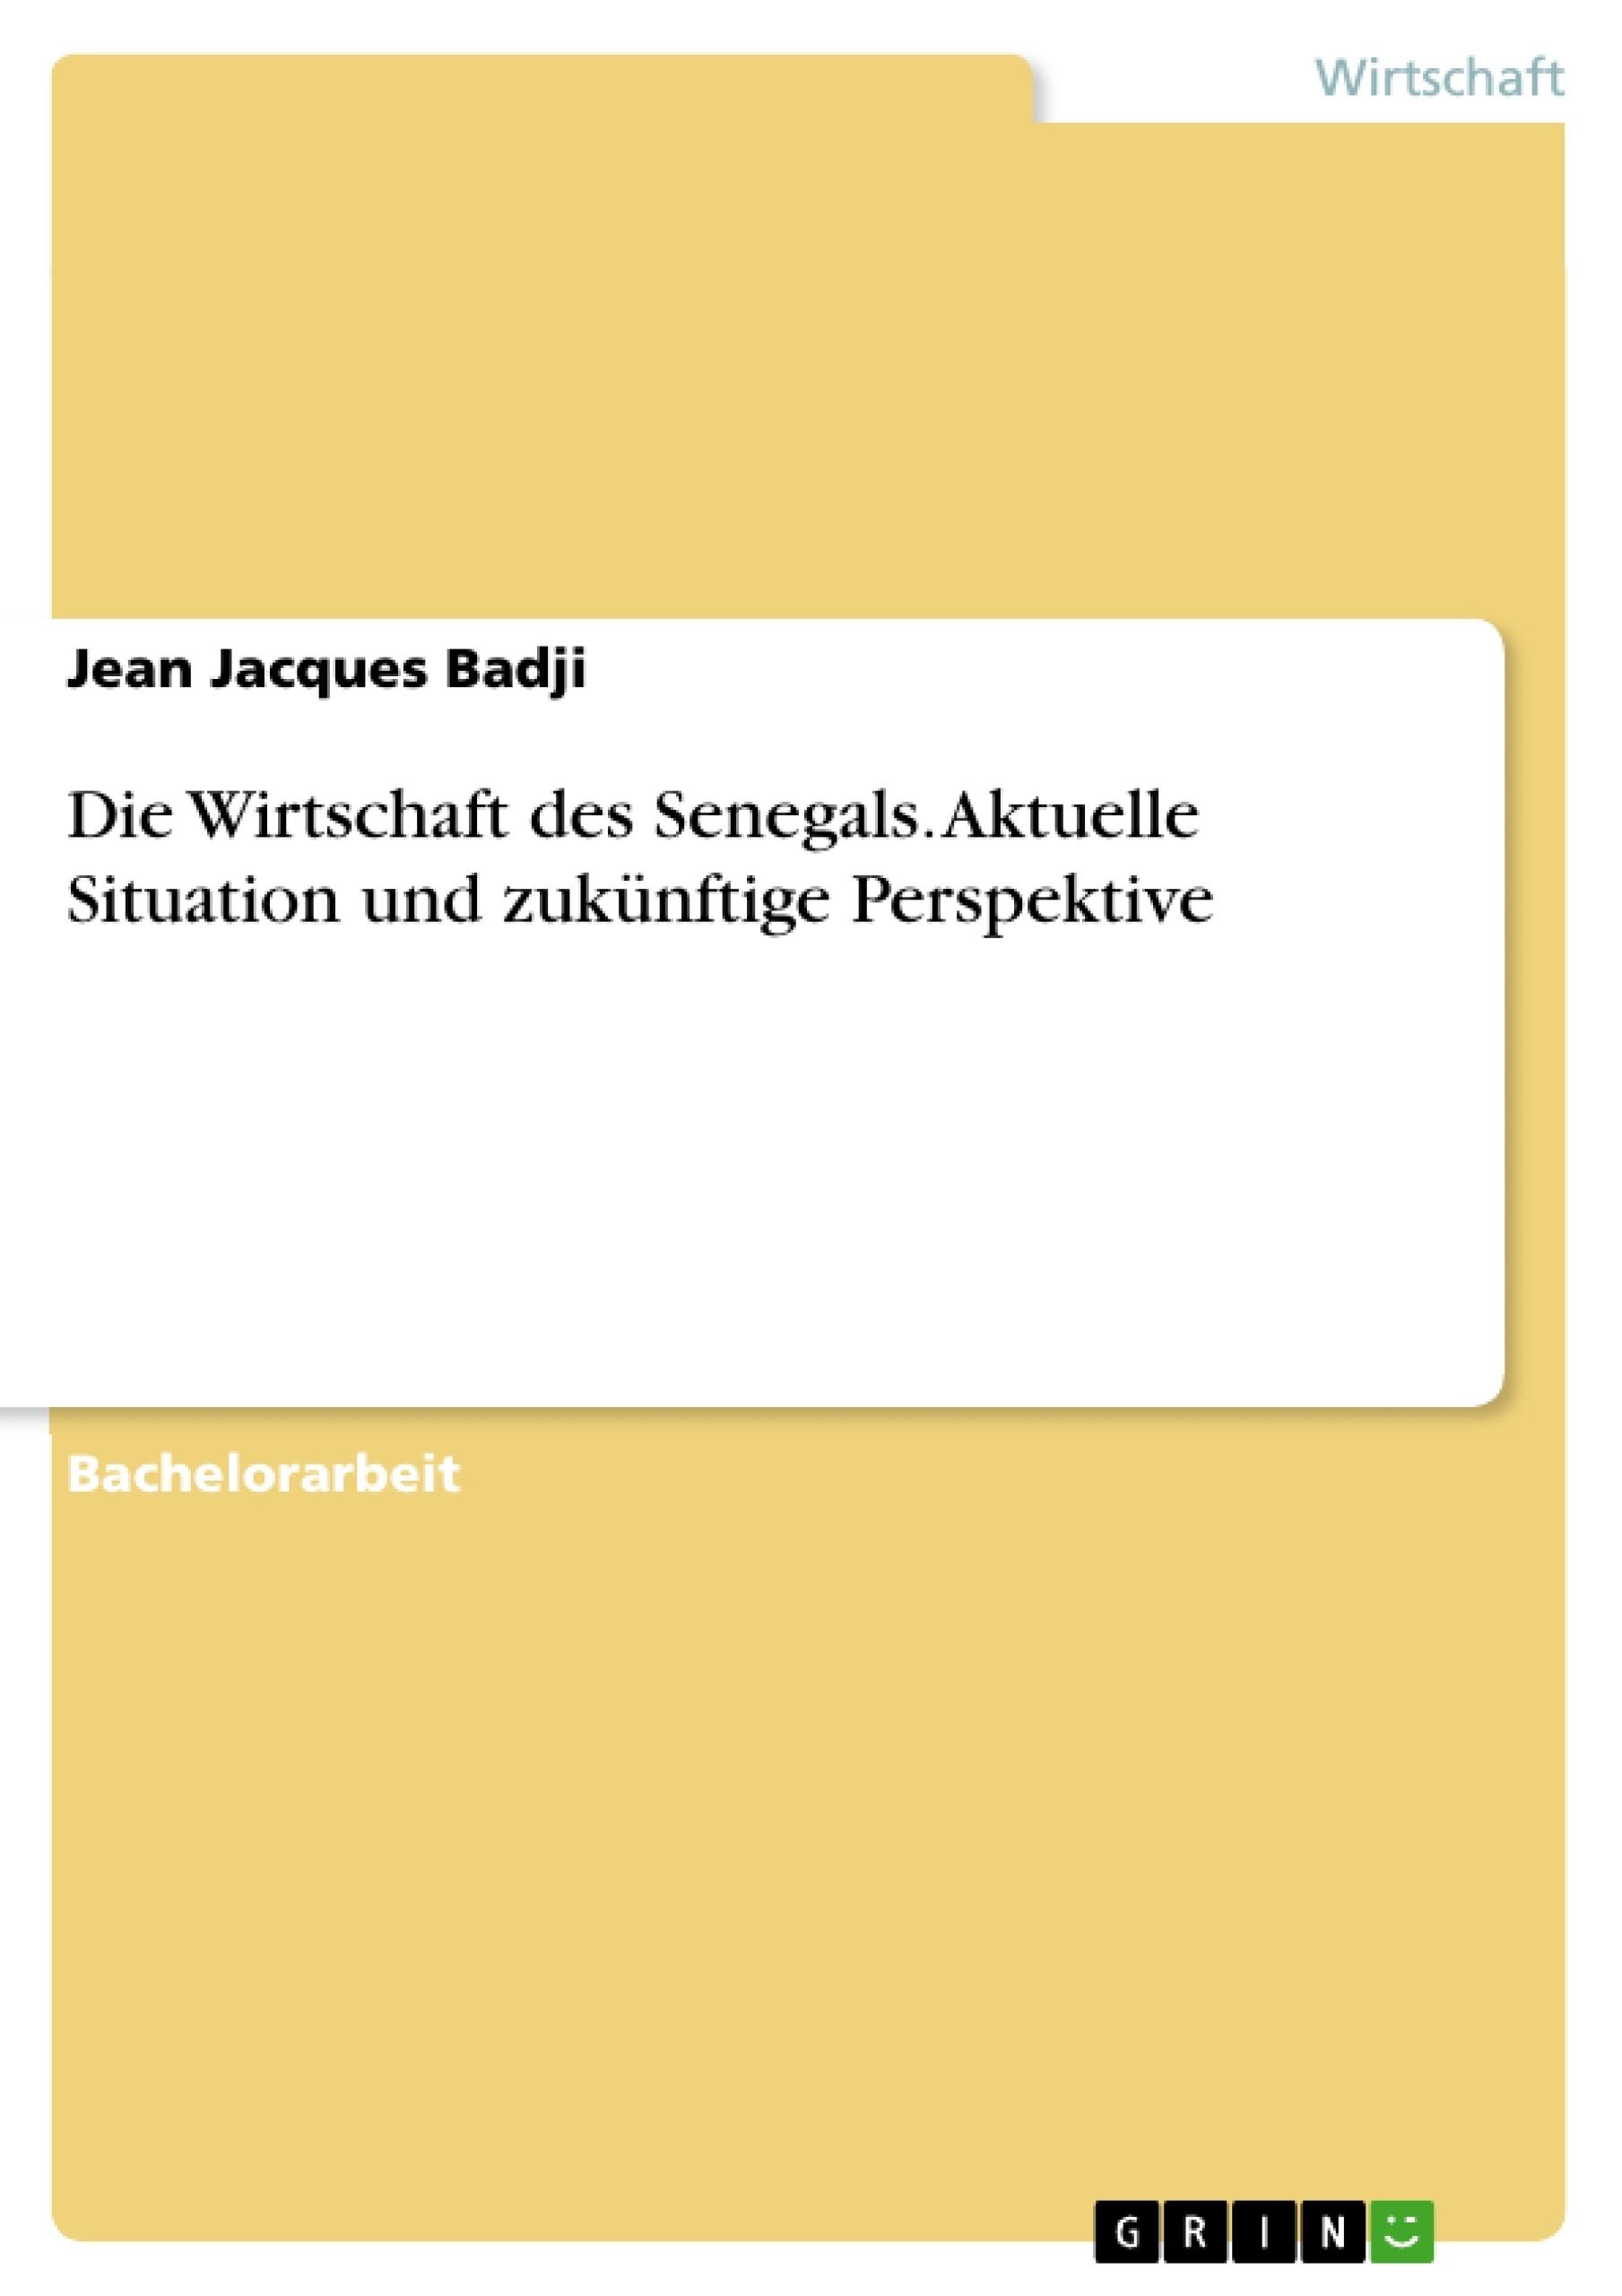 Titel: Die Wirtschaft des Senegals. Aktuelle Situation und zukünftige Perspektive